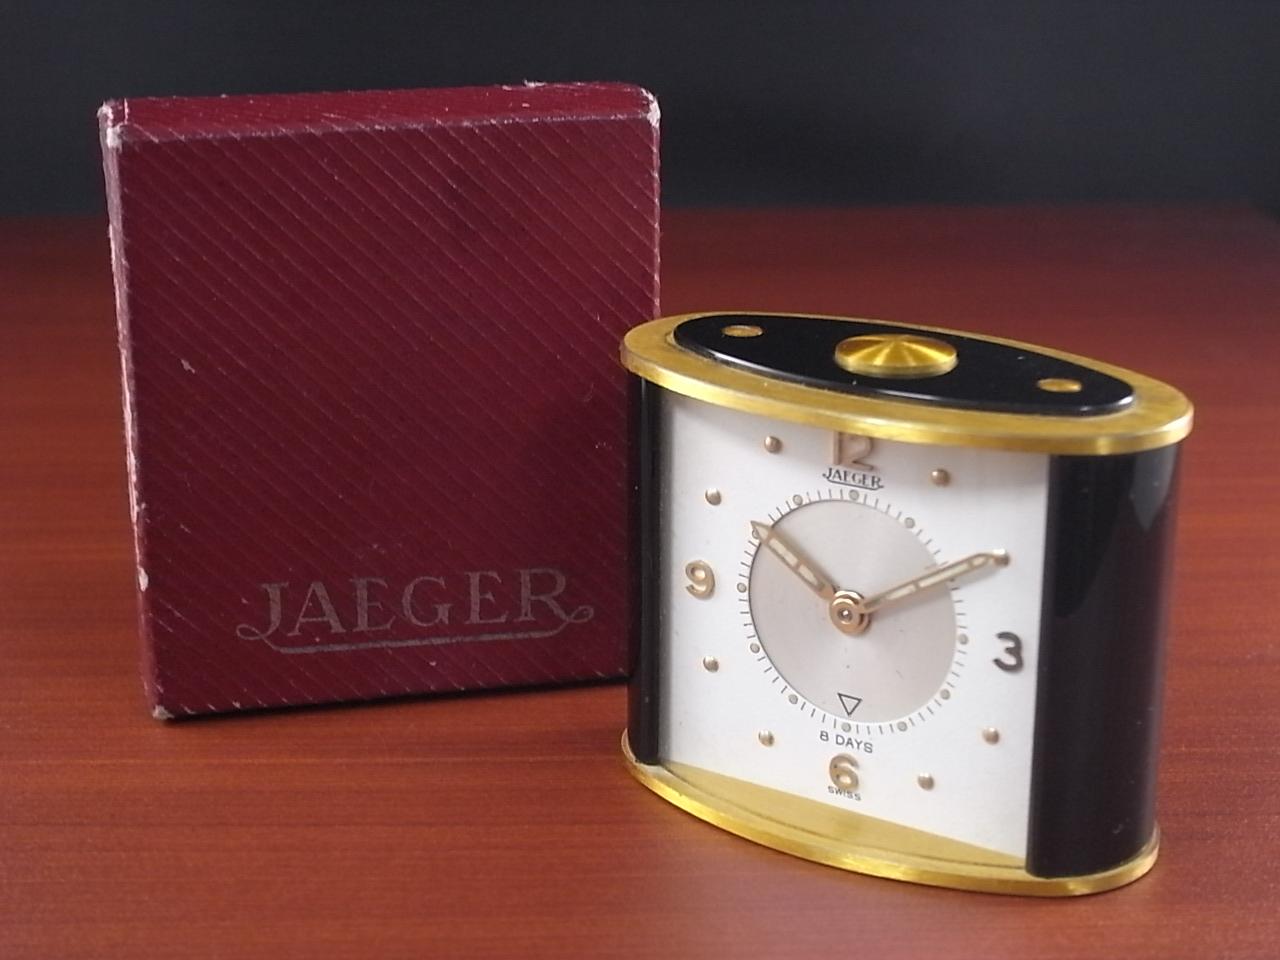 ジャガー アラームクロック 8DAYS 箱付 1960年代の写真3枚目